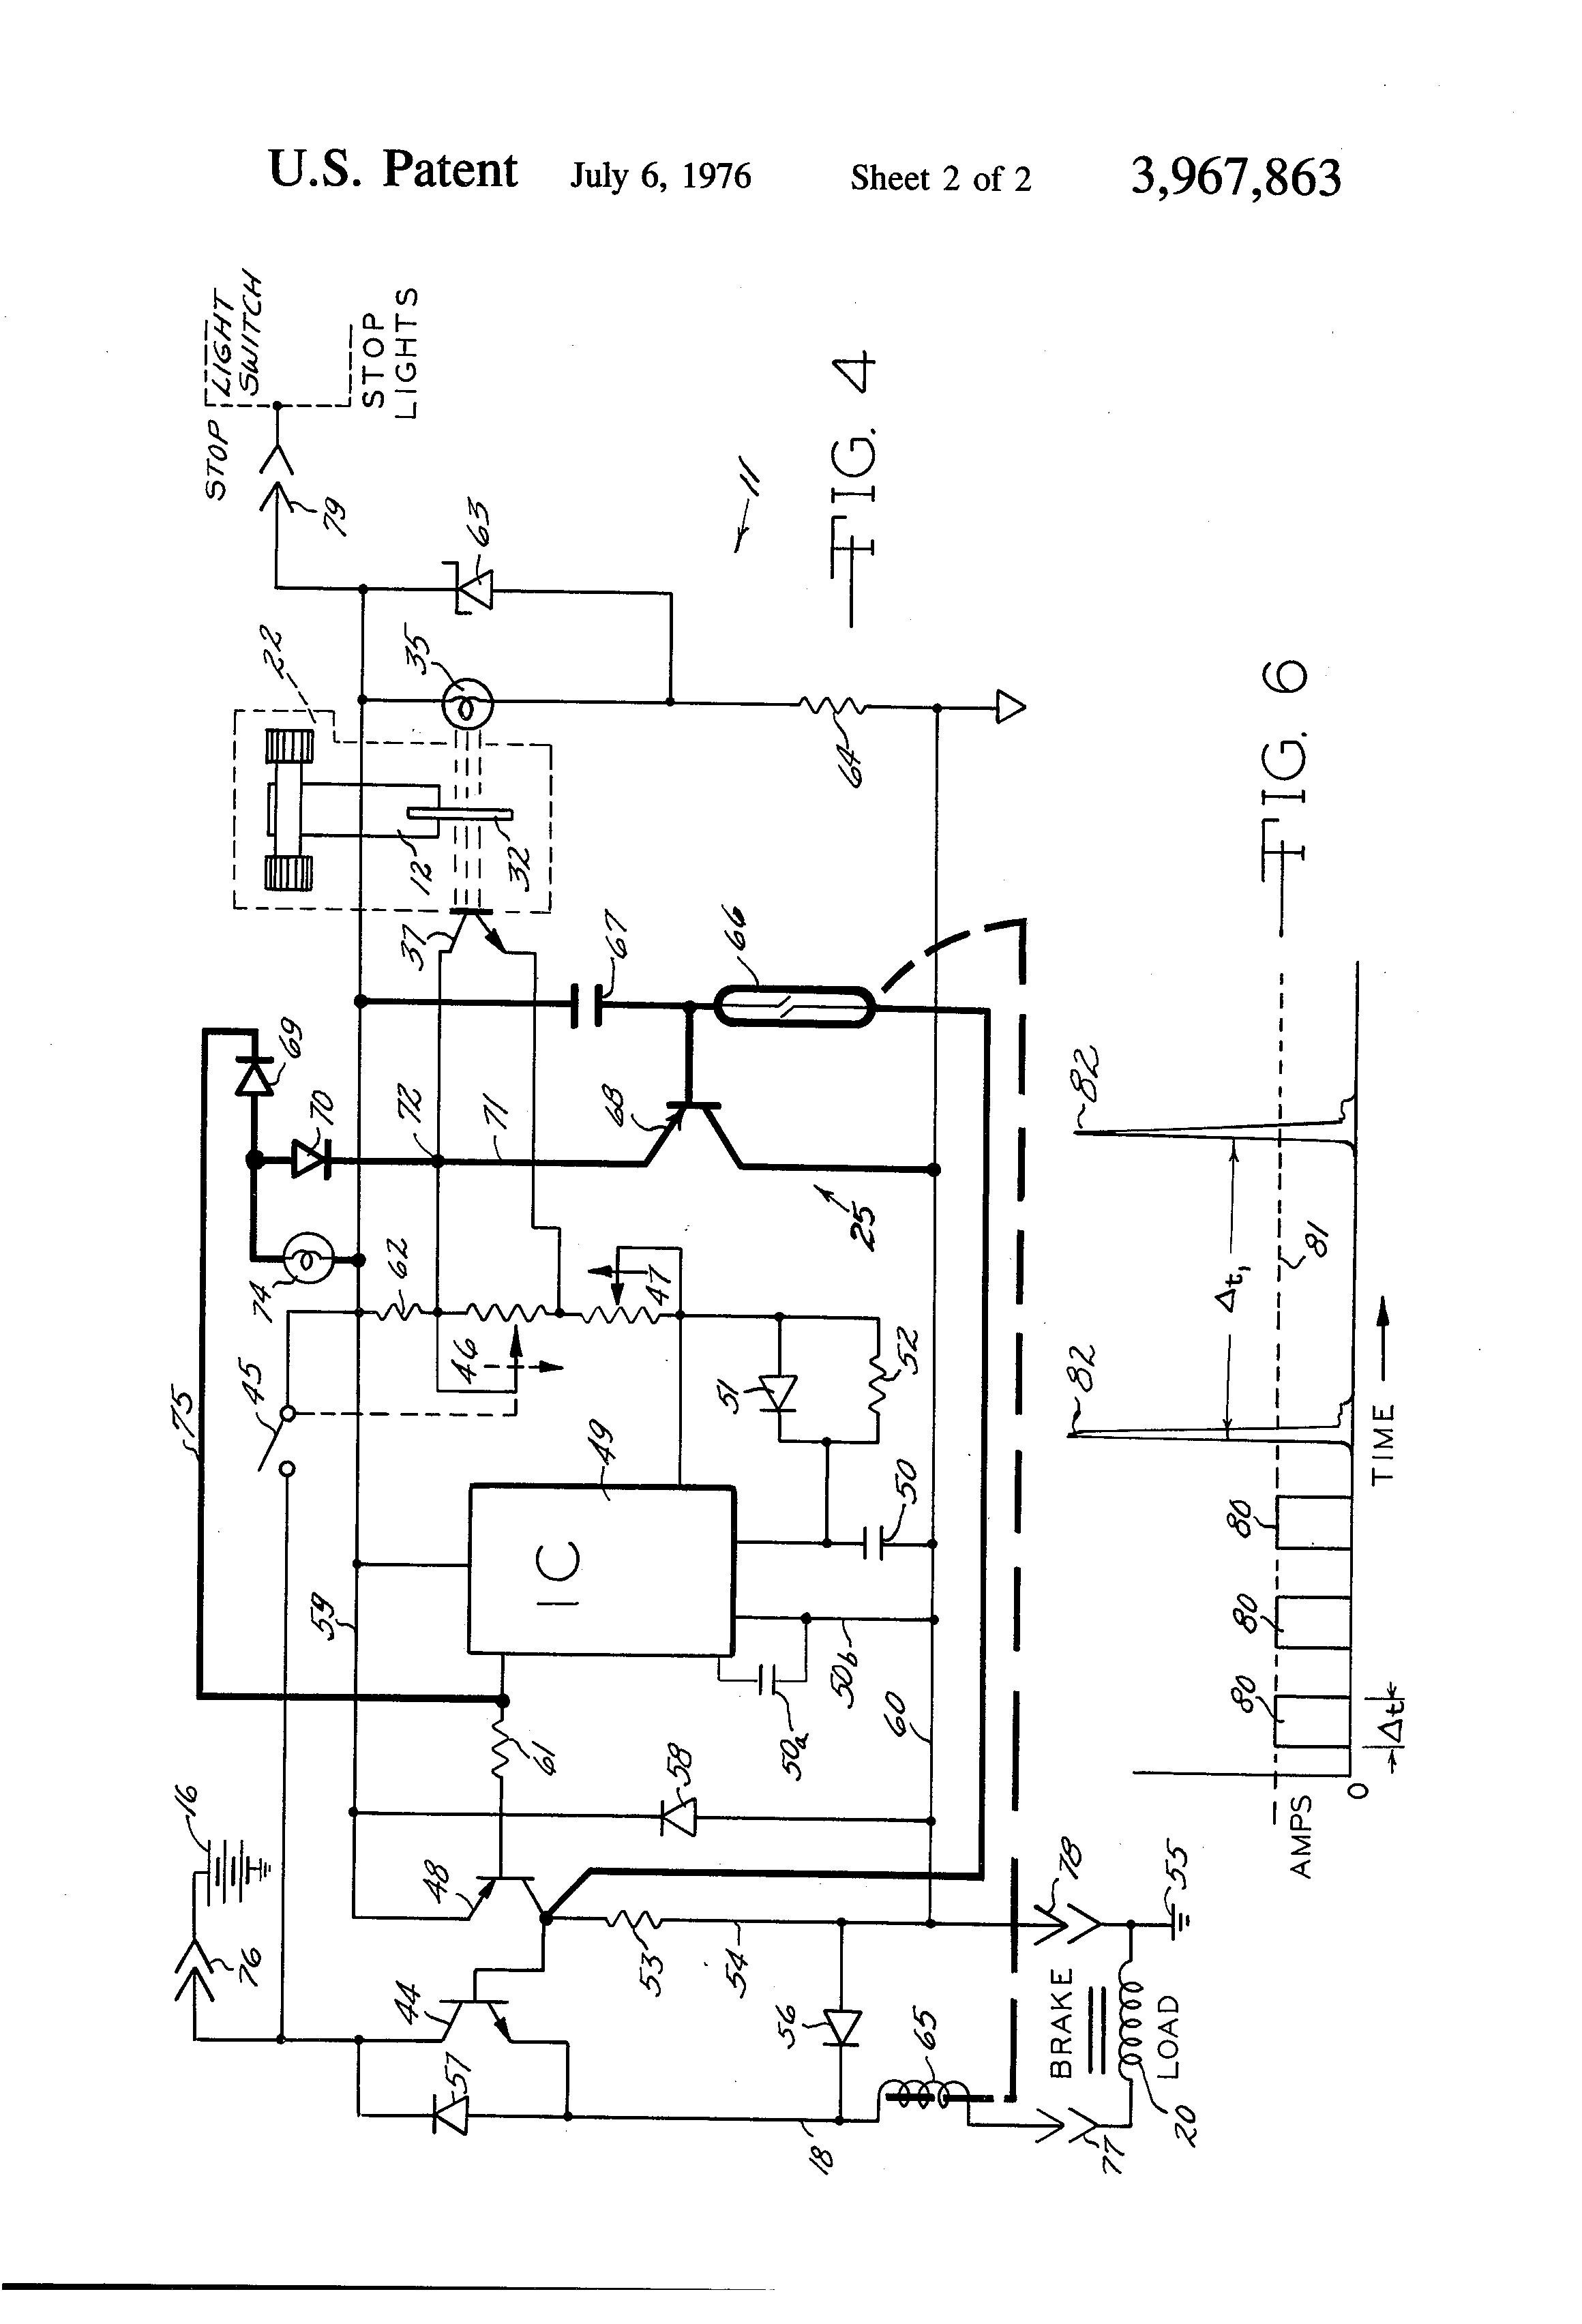 Tekonsha Voyager Brake Controller Wiring Diagram Primus Iq P2 Wiring Diagram Residential Electrical Symbols • Of Tekonsha Voyager Brake Controller Wiring Diagram